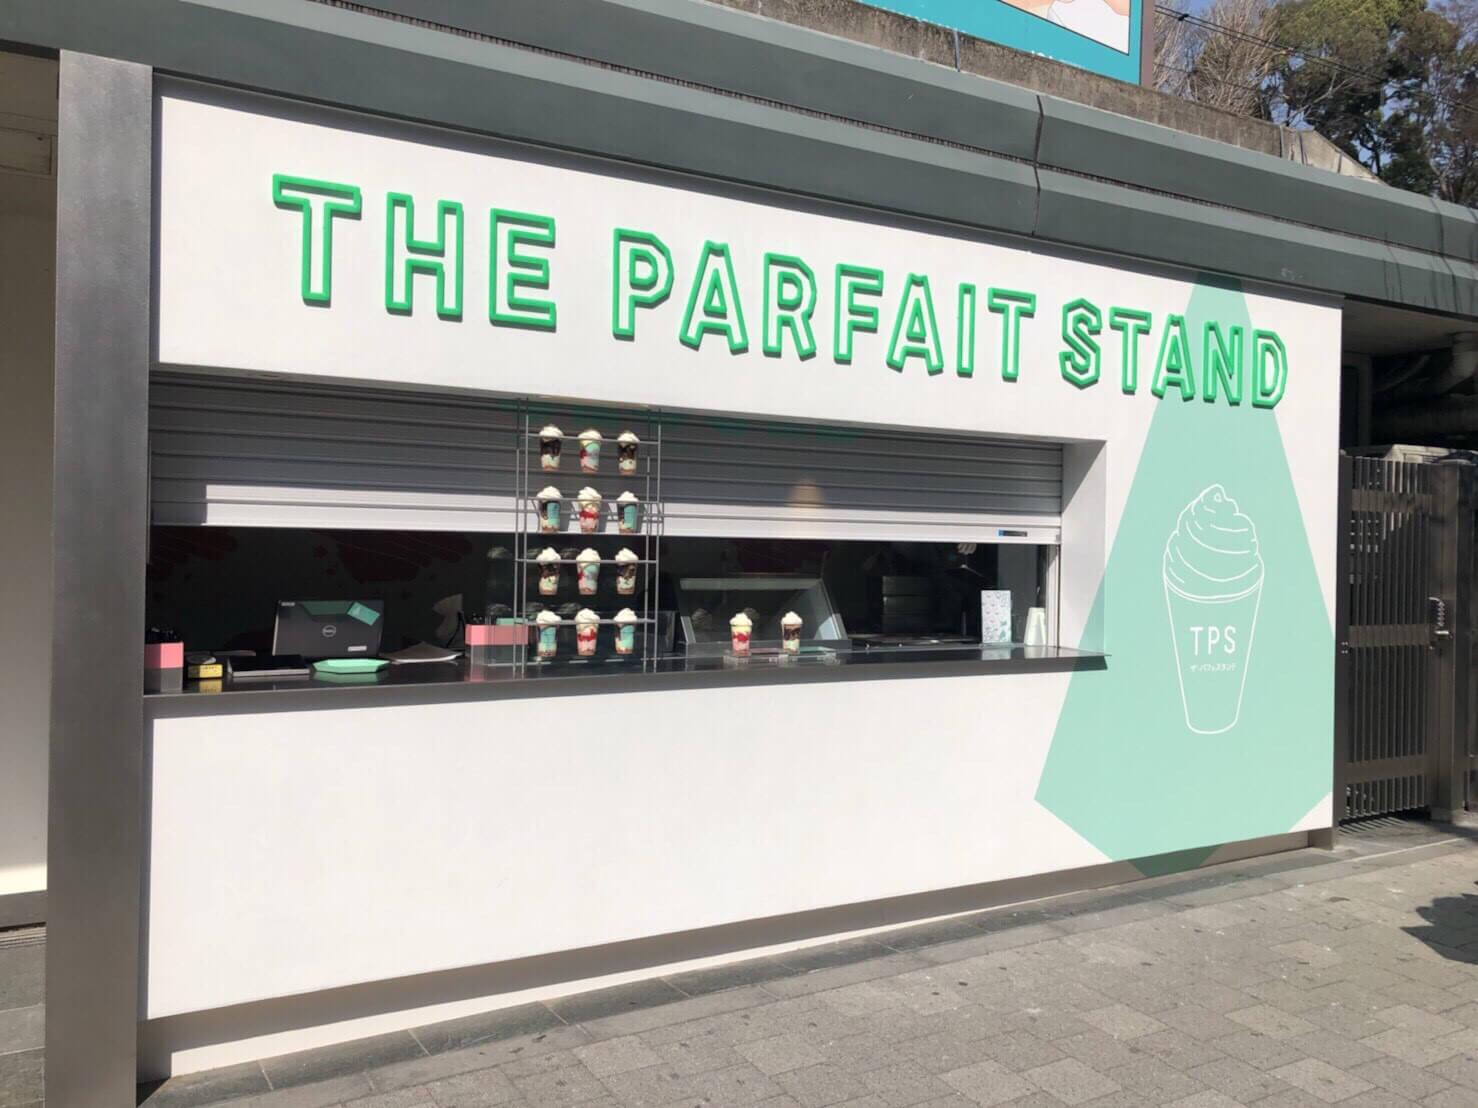 テイクアウトパフェ専門店「THE PARFAIT STAND」原宿